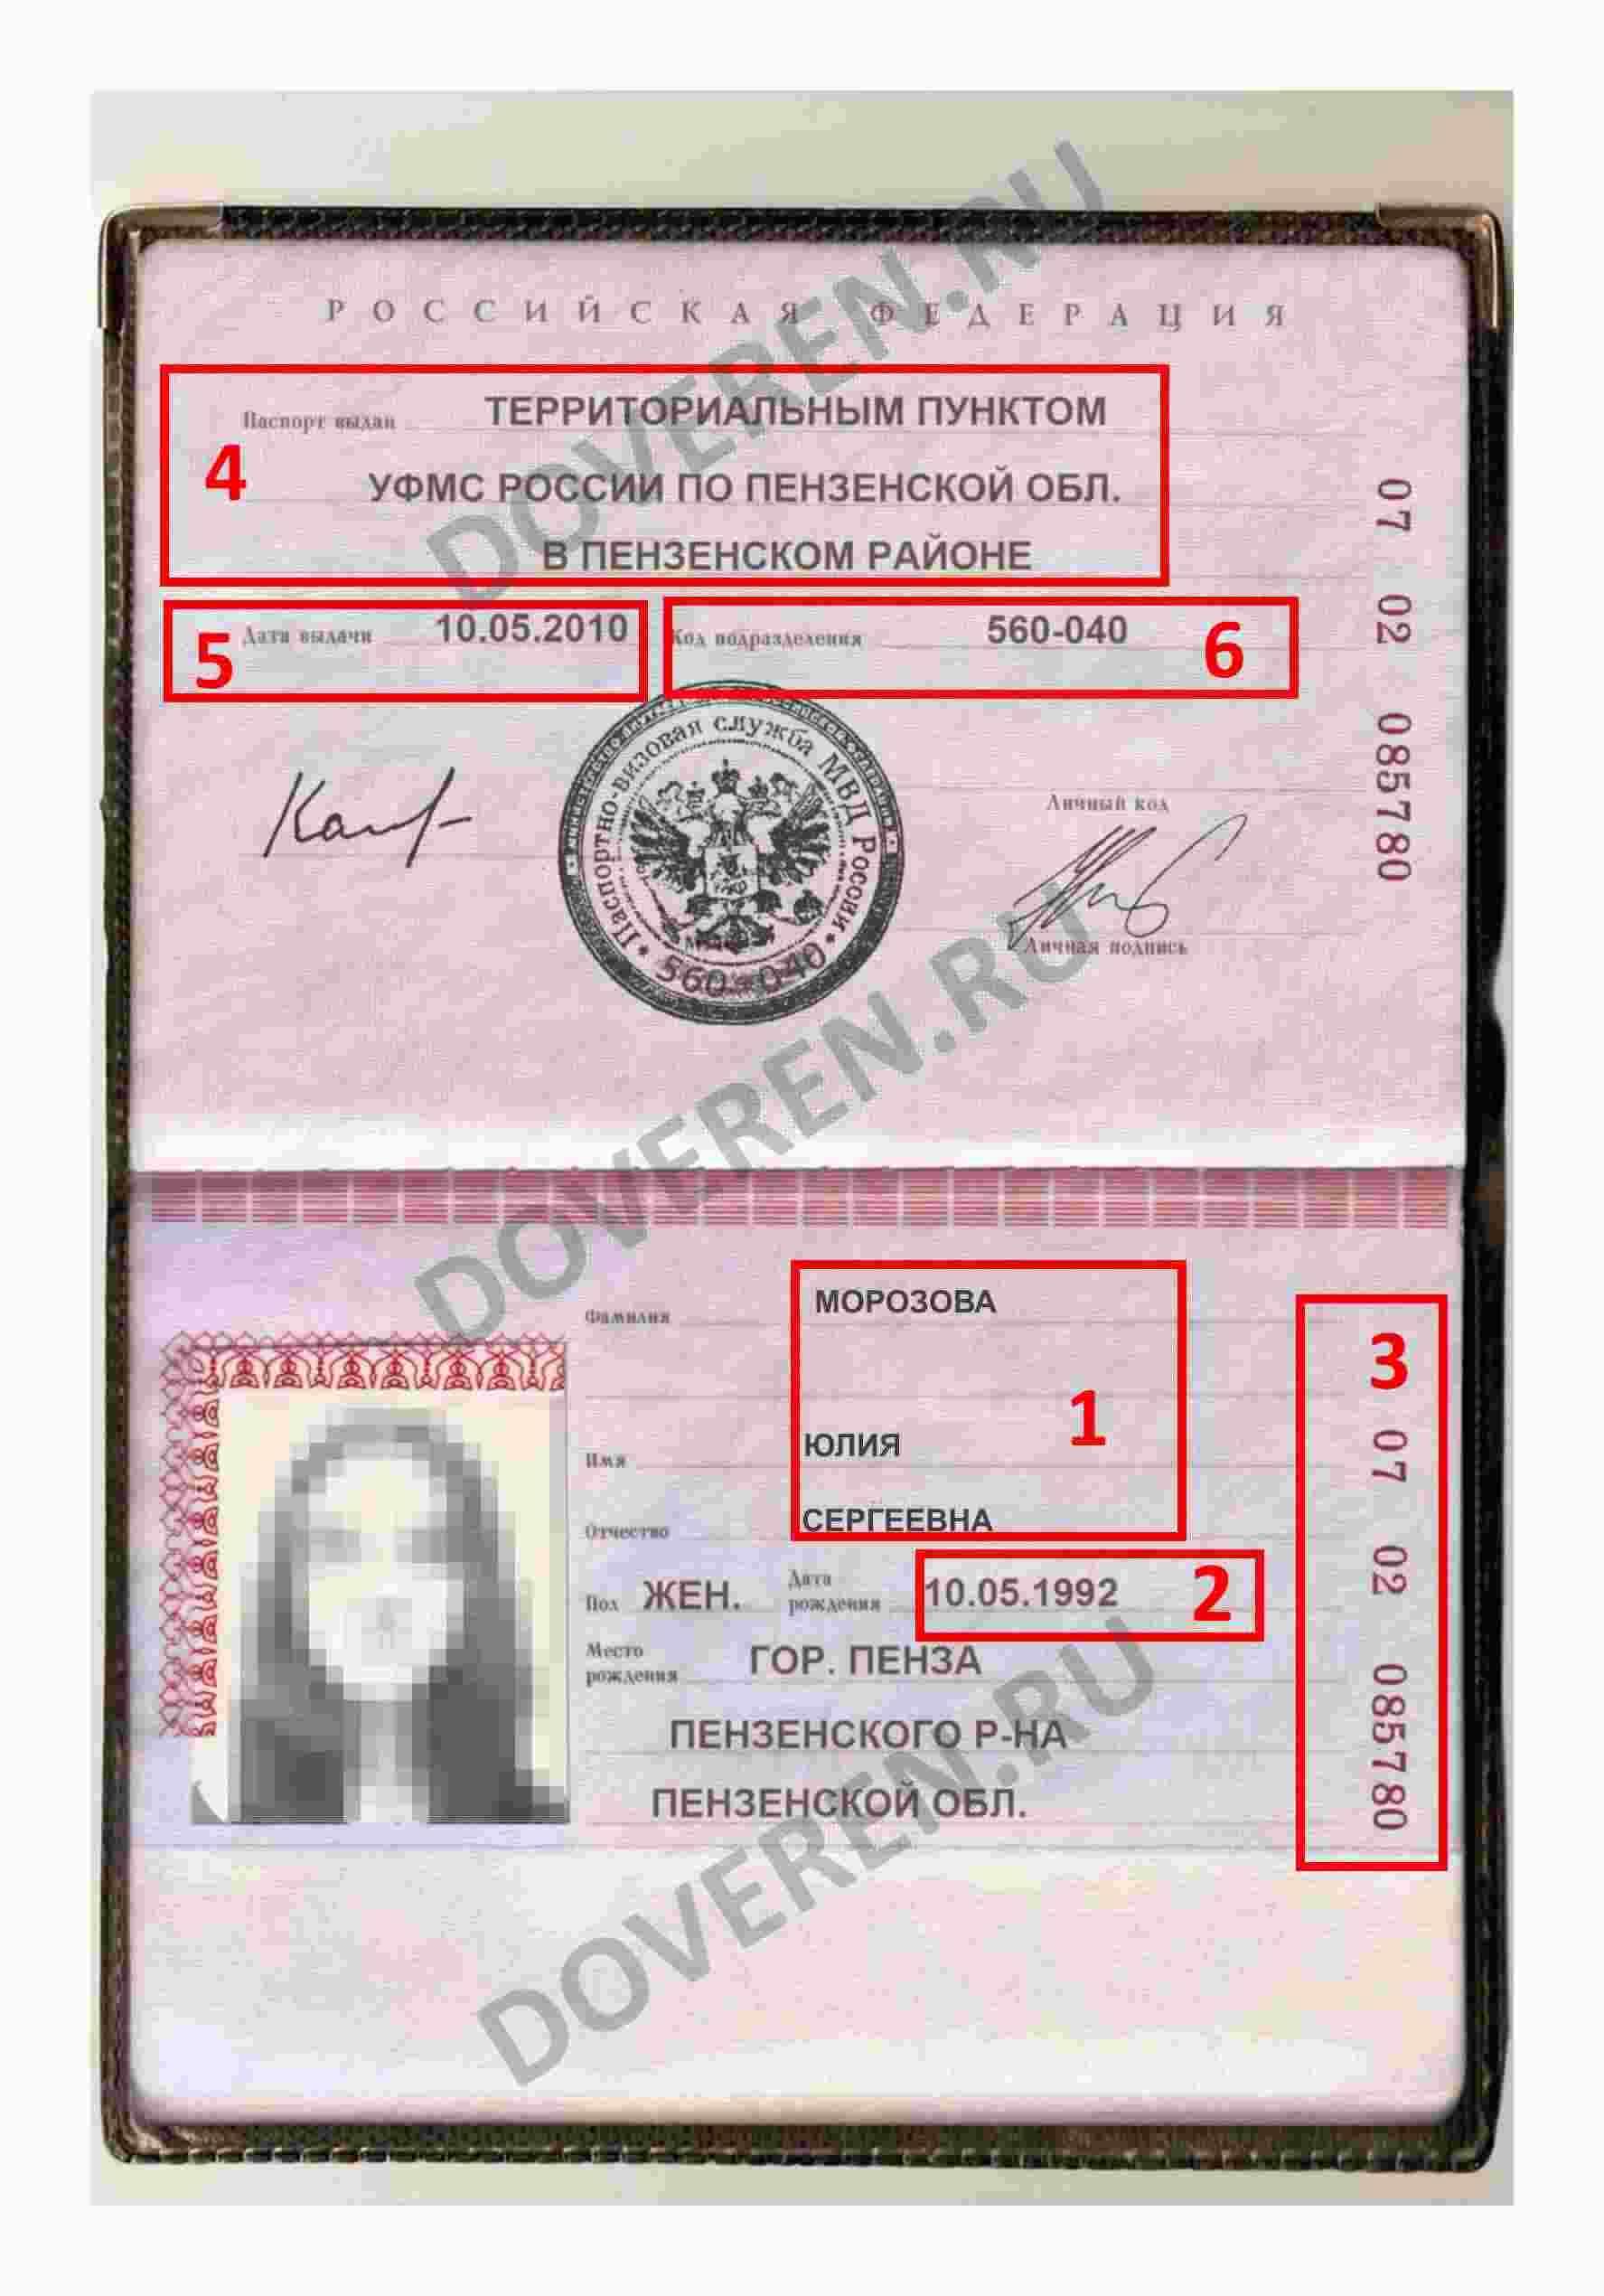 Паспорт доверителя